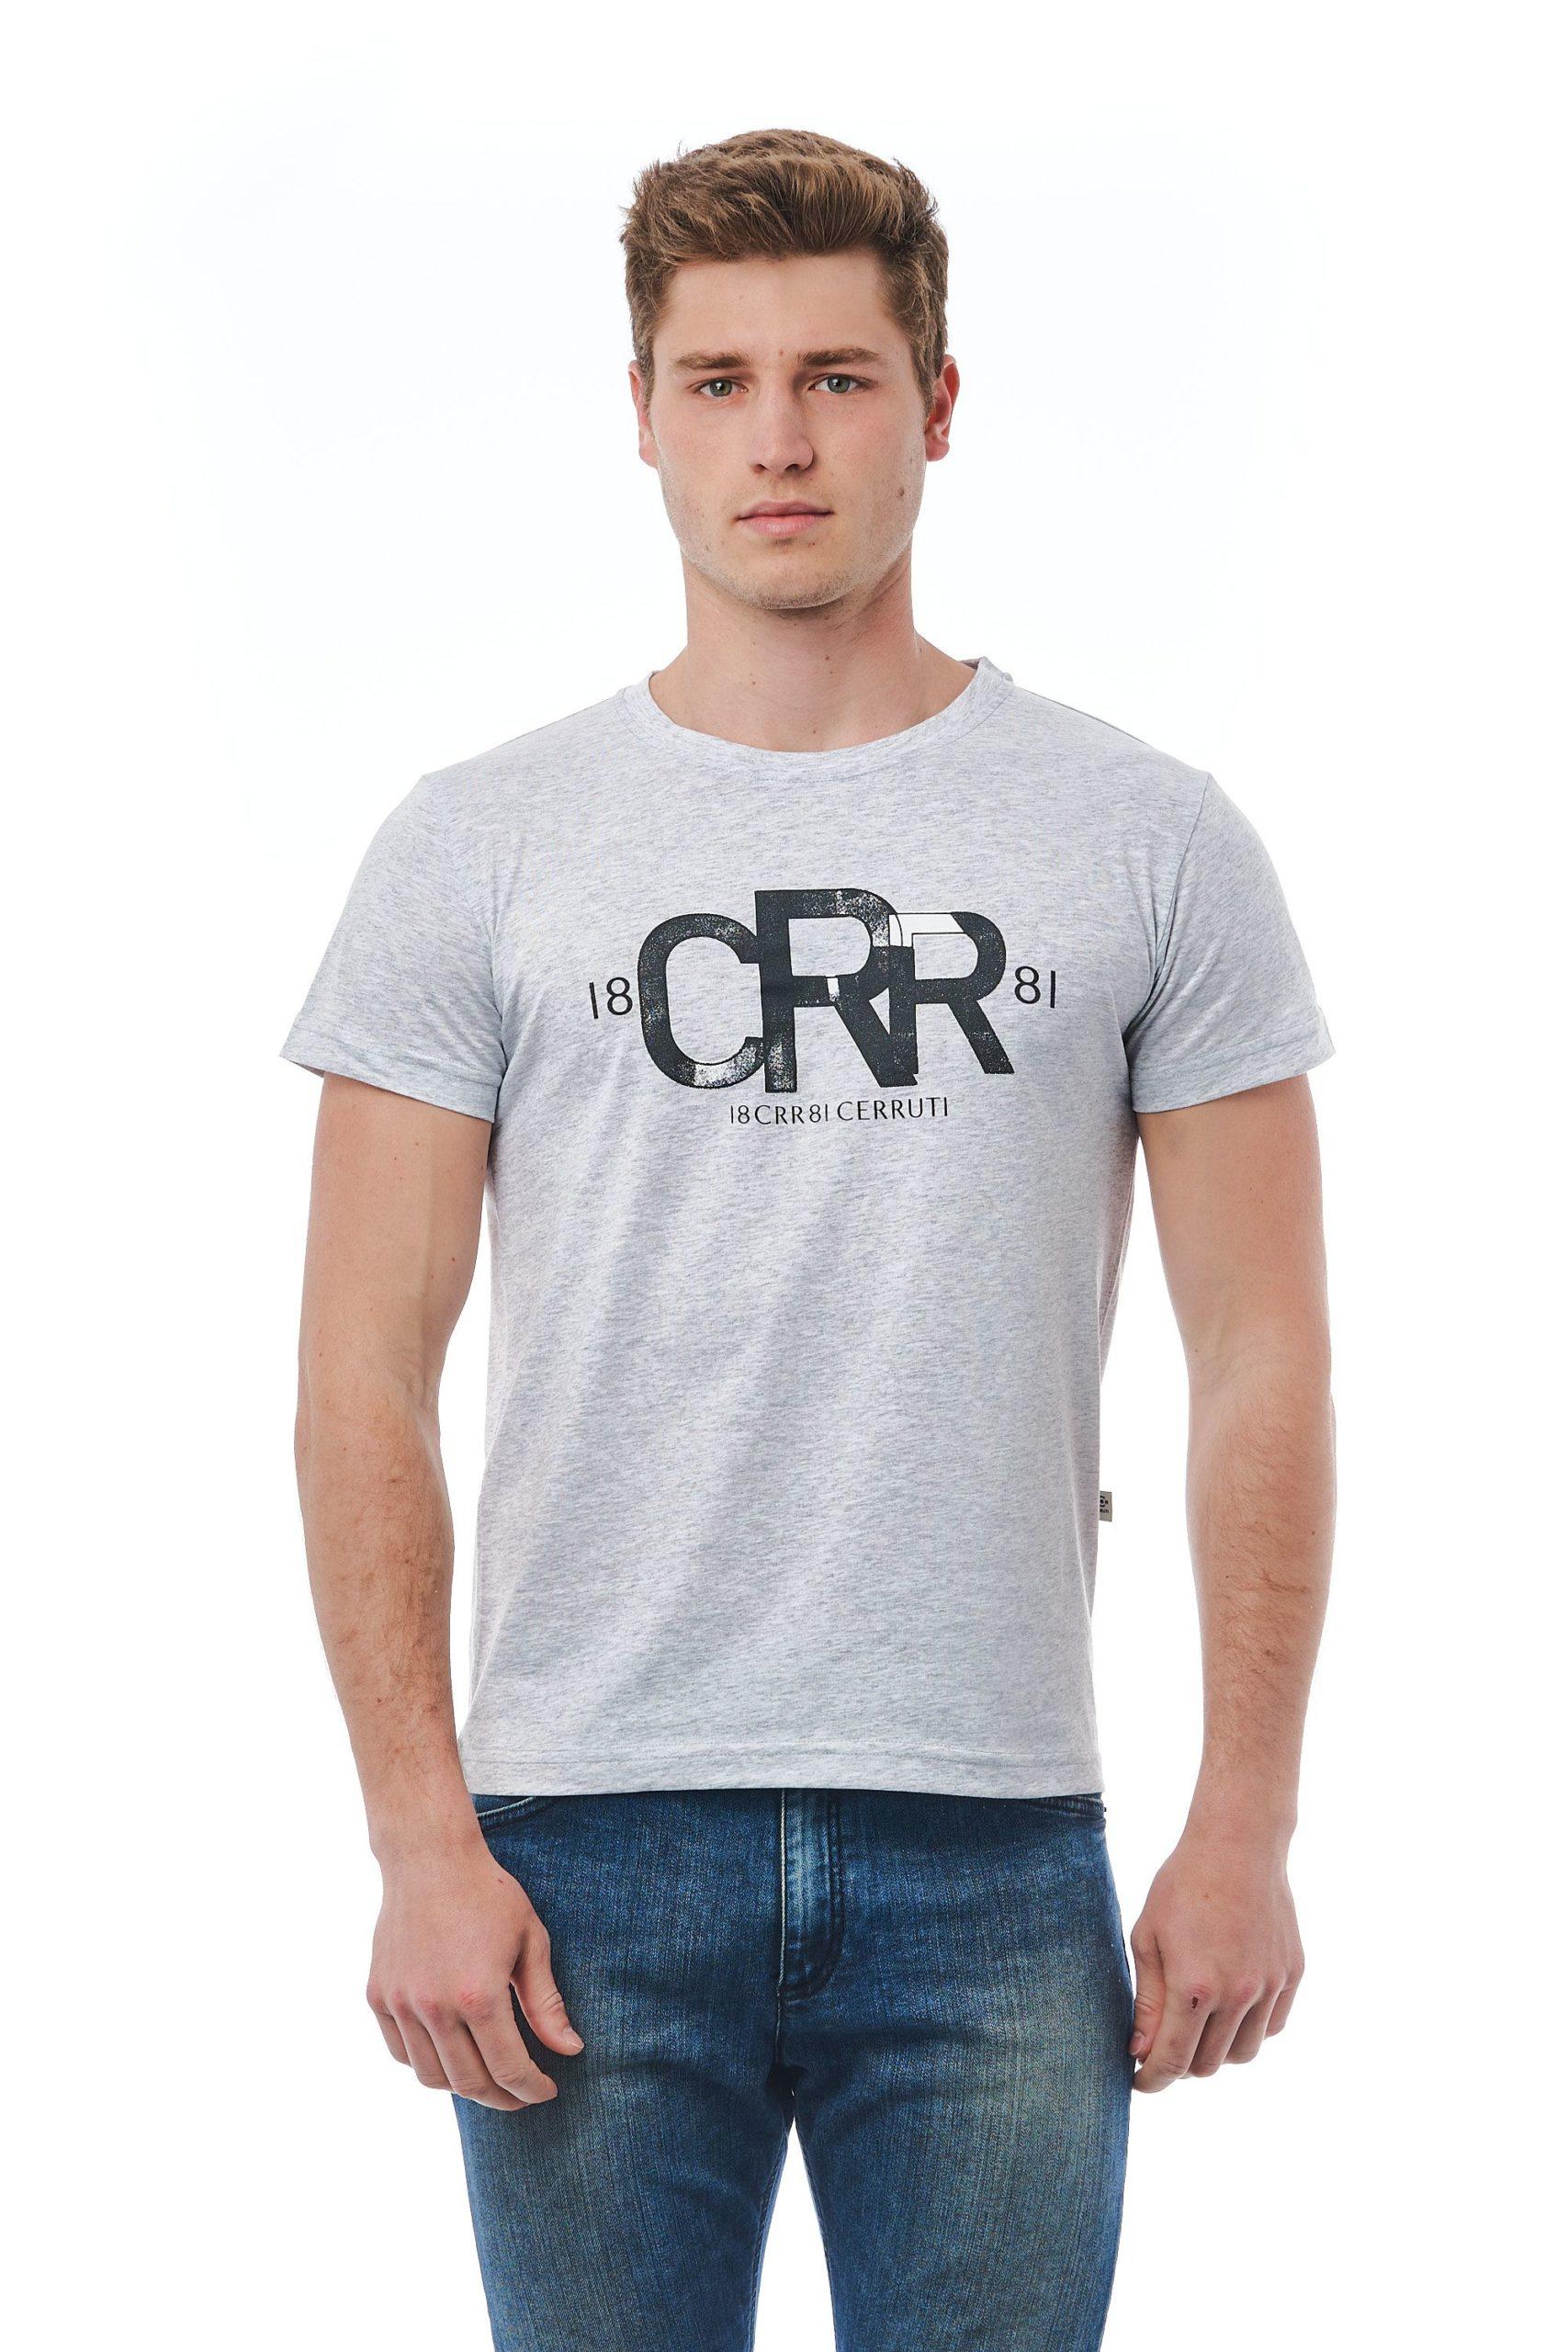 Cerruti 1881 Men's Grich Lt Grey T-Shirt Gray CE1409882 - M